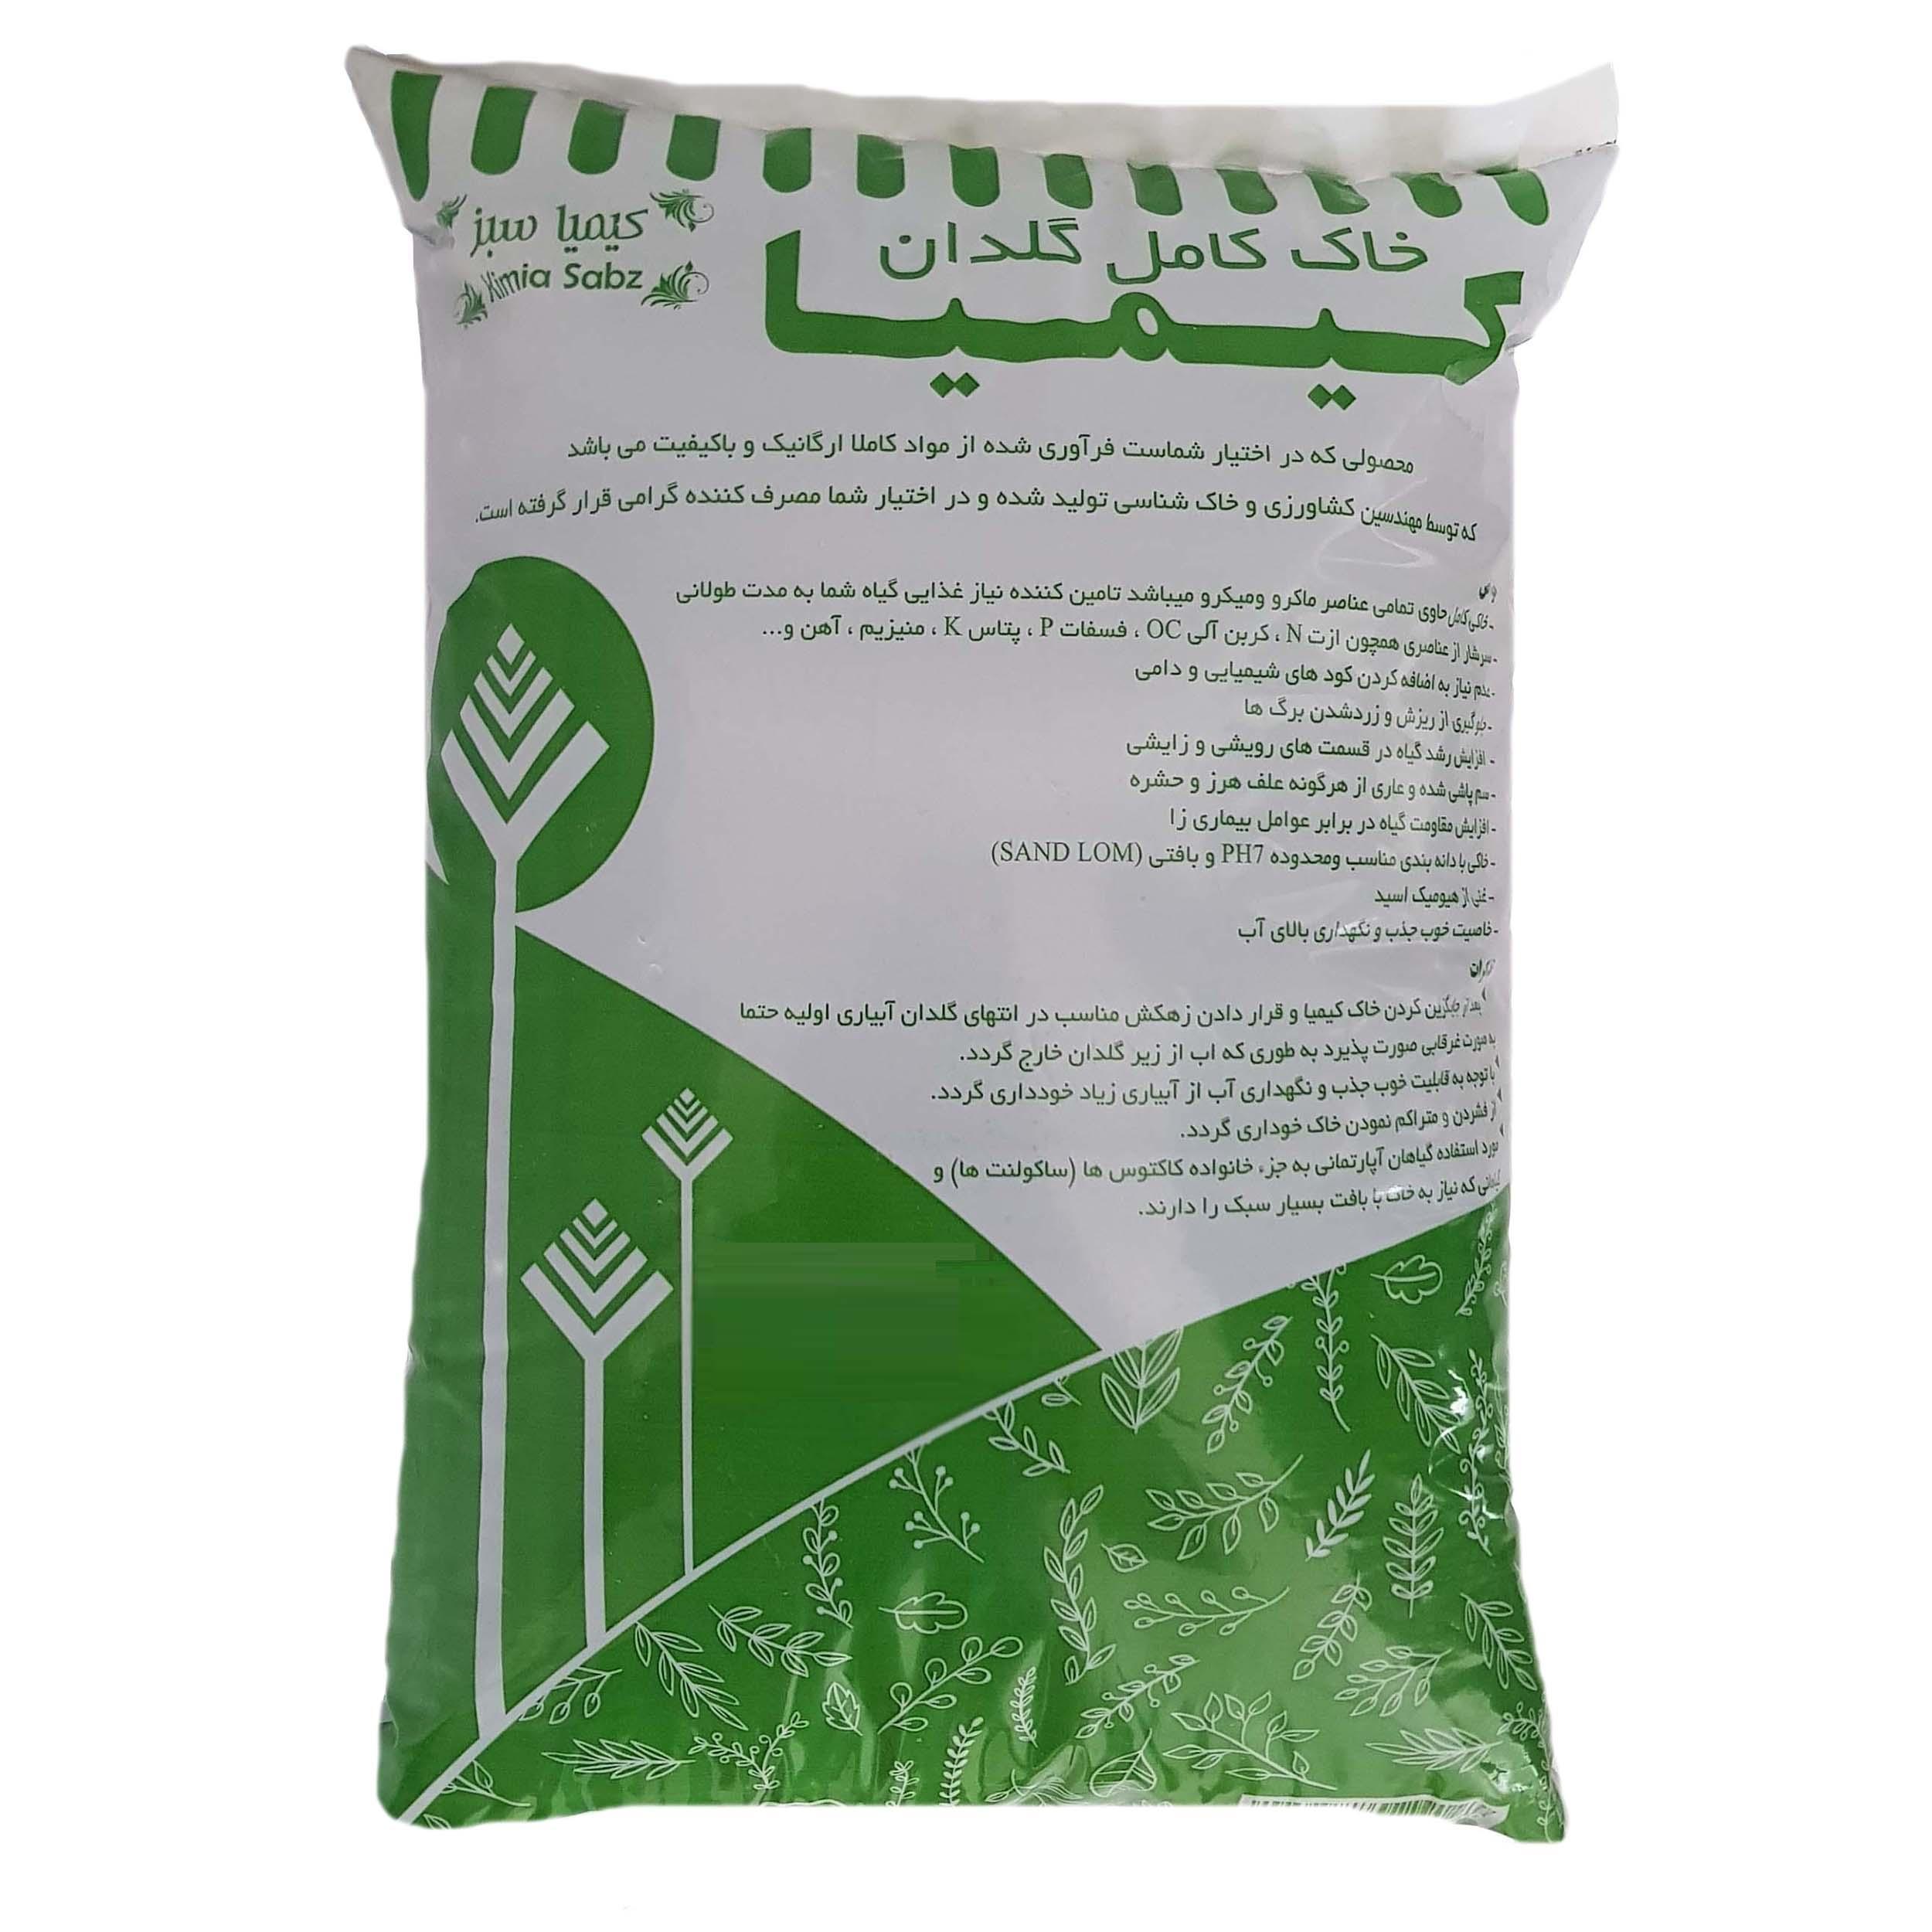 خاک گلدان کیمیا مدل GT-3L وزن 3 کیلوگرم